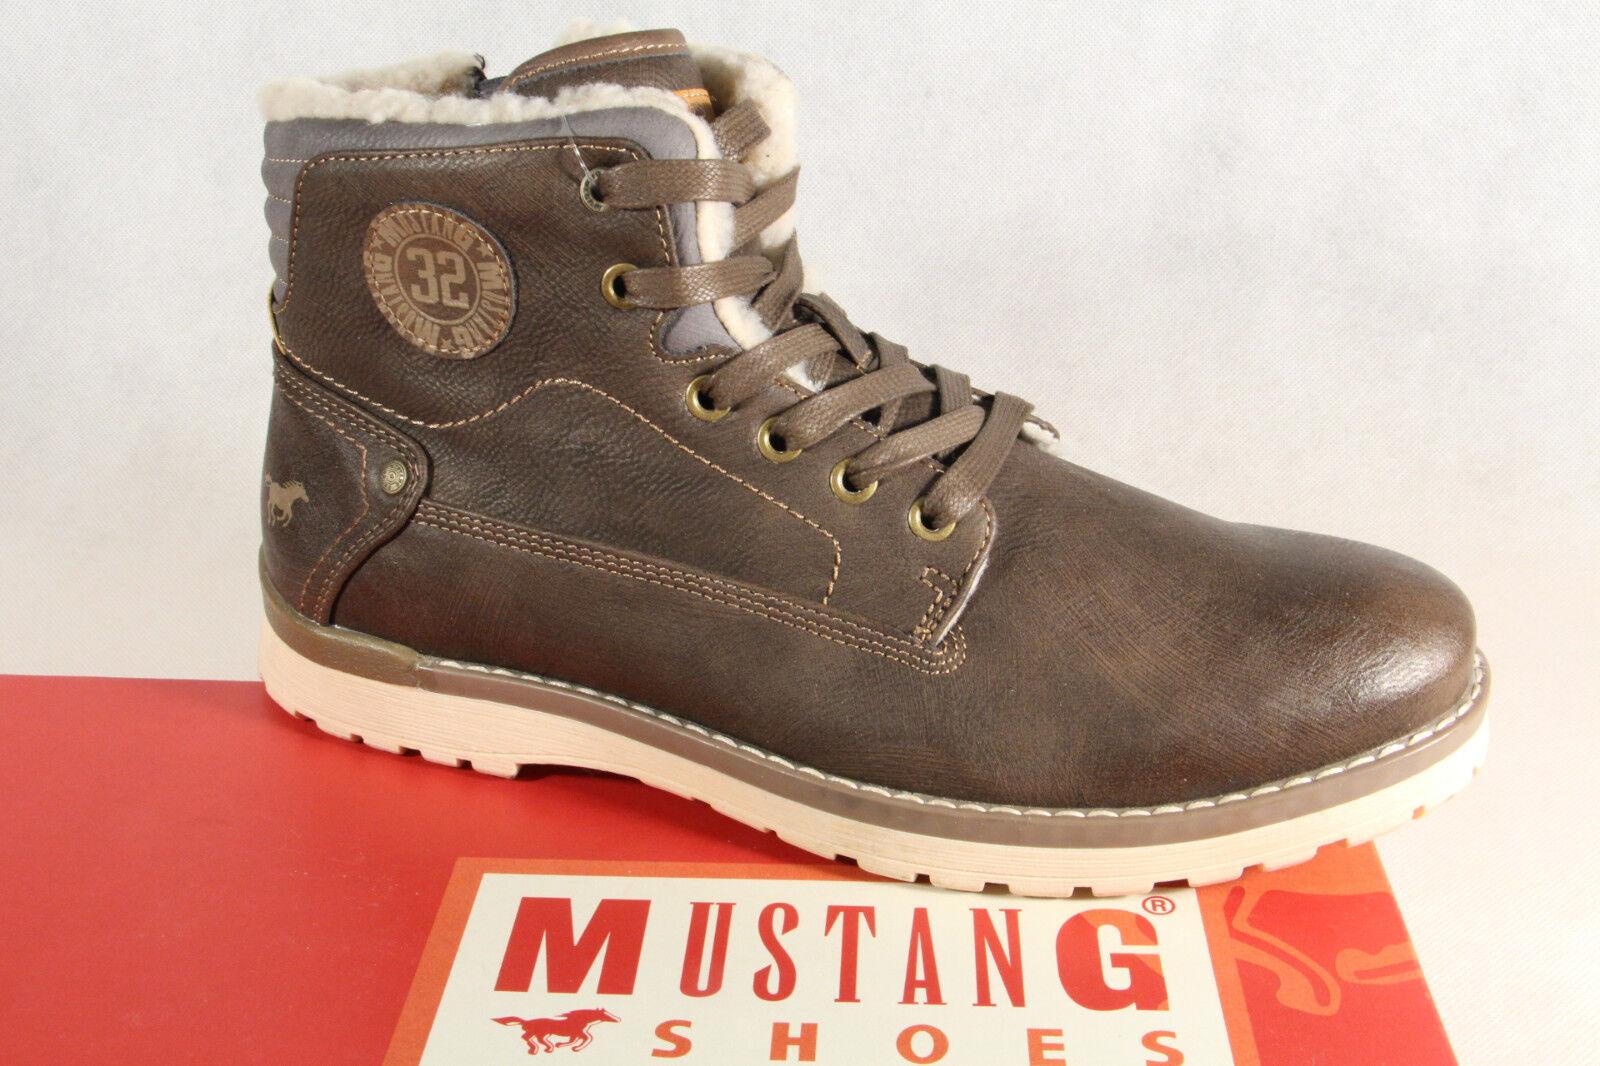 Mustang botas botas de Cordón botas de Invierno Sp. Marrón 4092 Nuevo